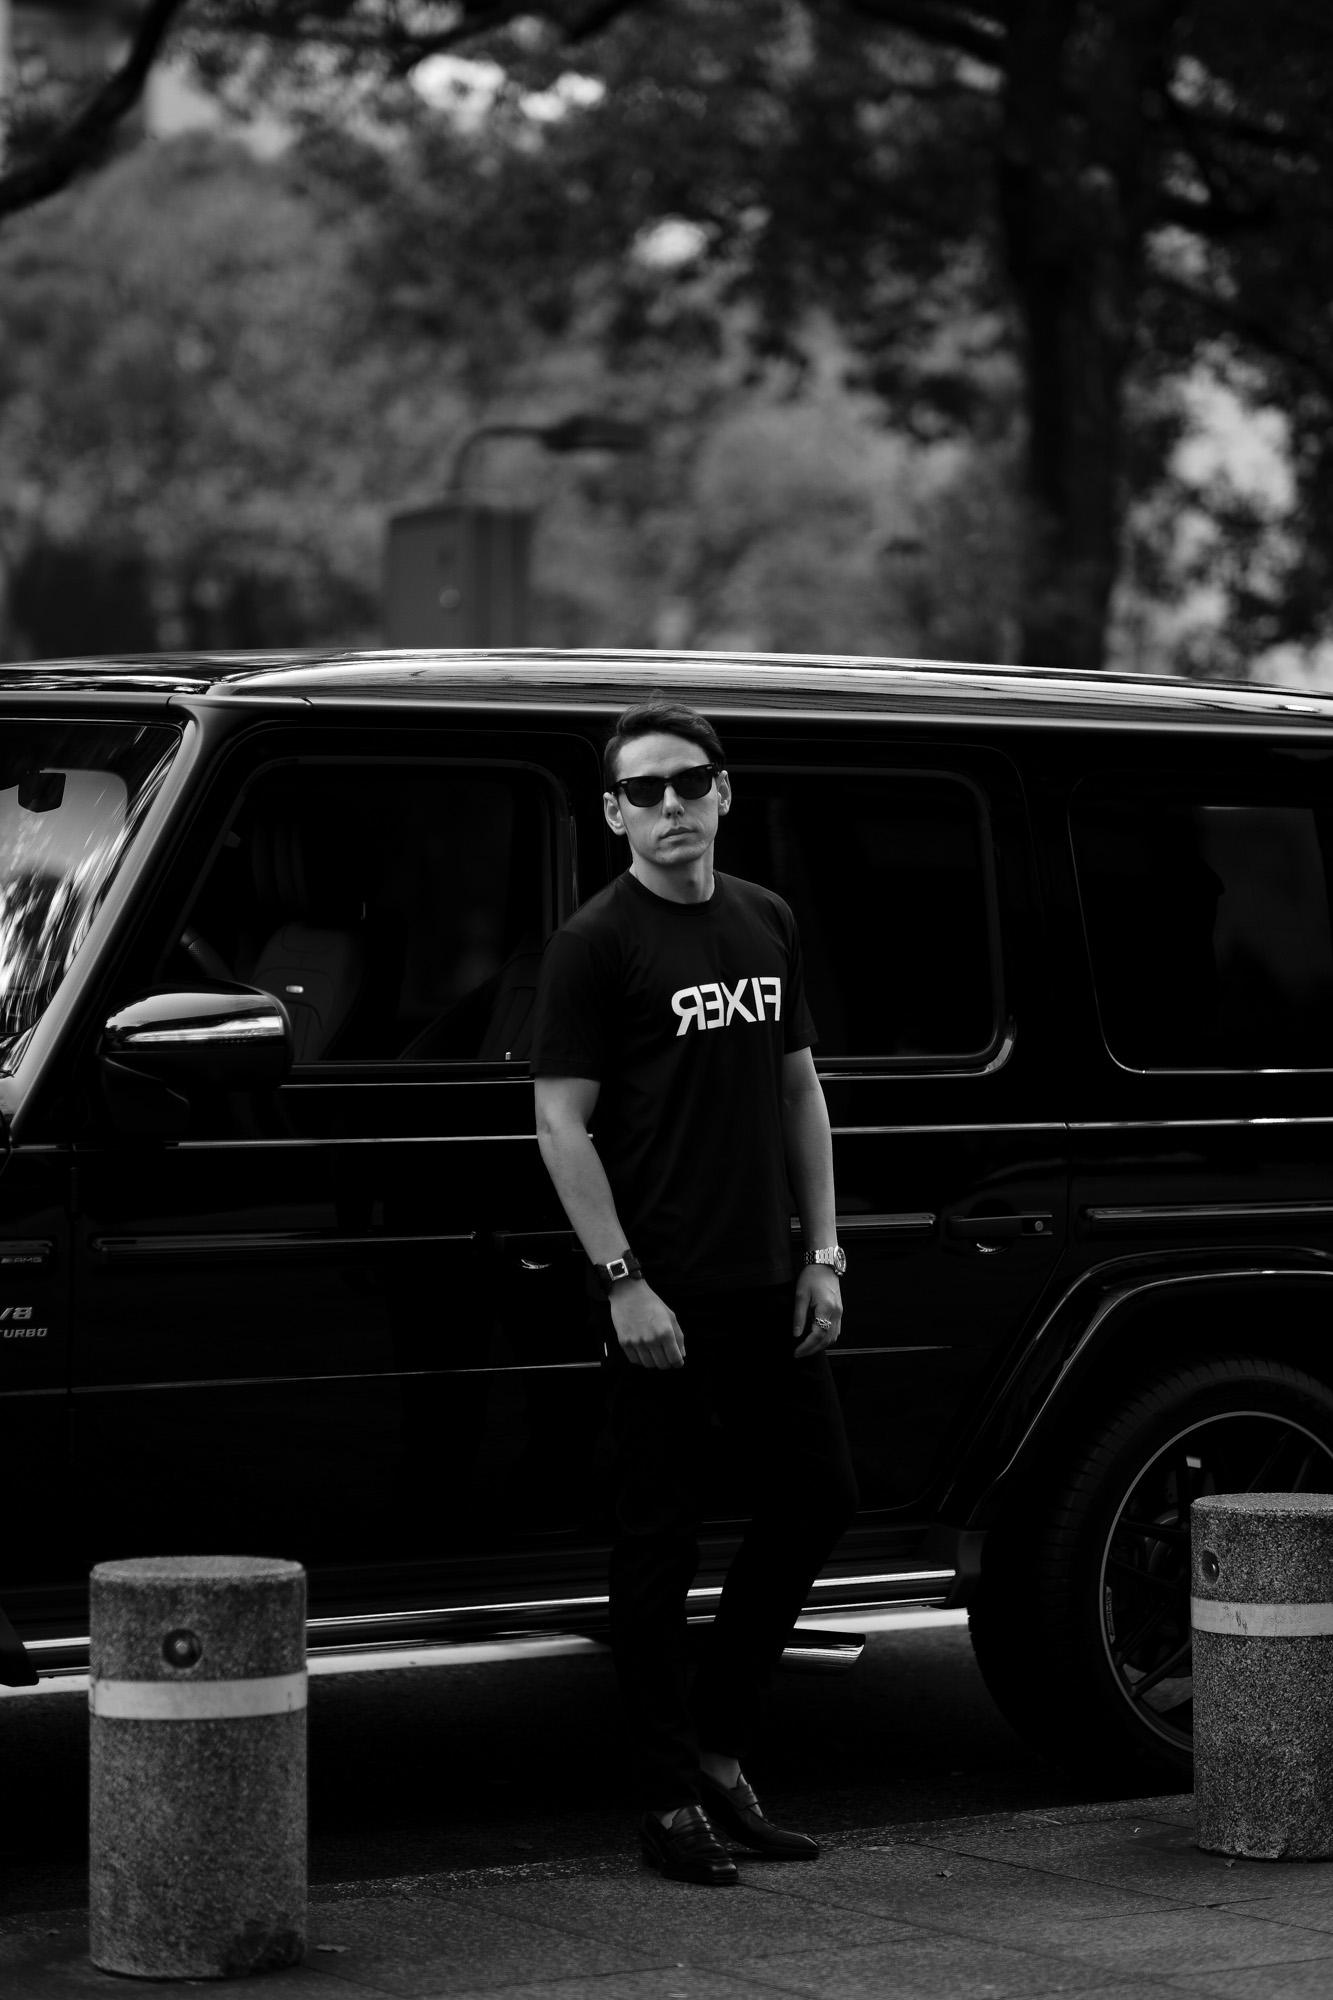 FIXER (フィクサー) FTS-03 Reverse Print Crew Neck T-shirt リバースプリント Tシャツ BLACK (ブラック) 【ご予約開始】【2021.7.19(Mon)~2021.8.08(Sun)】 愛知 名古屋 Alto e Diritto altoediritto アルトエデリット Tシャツ